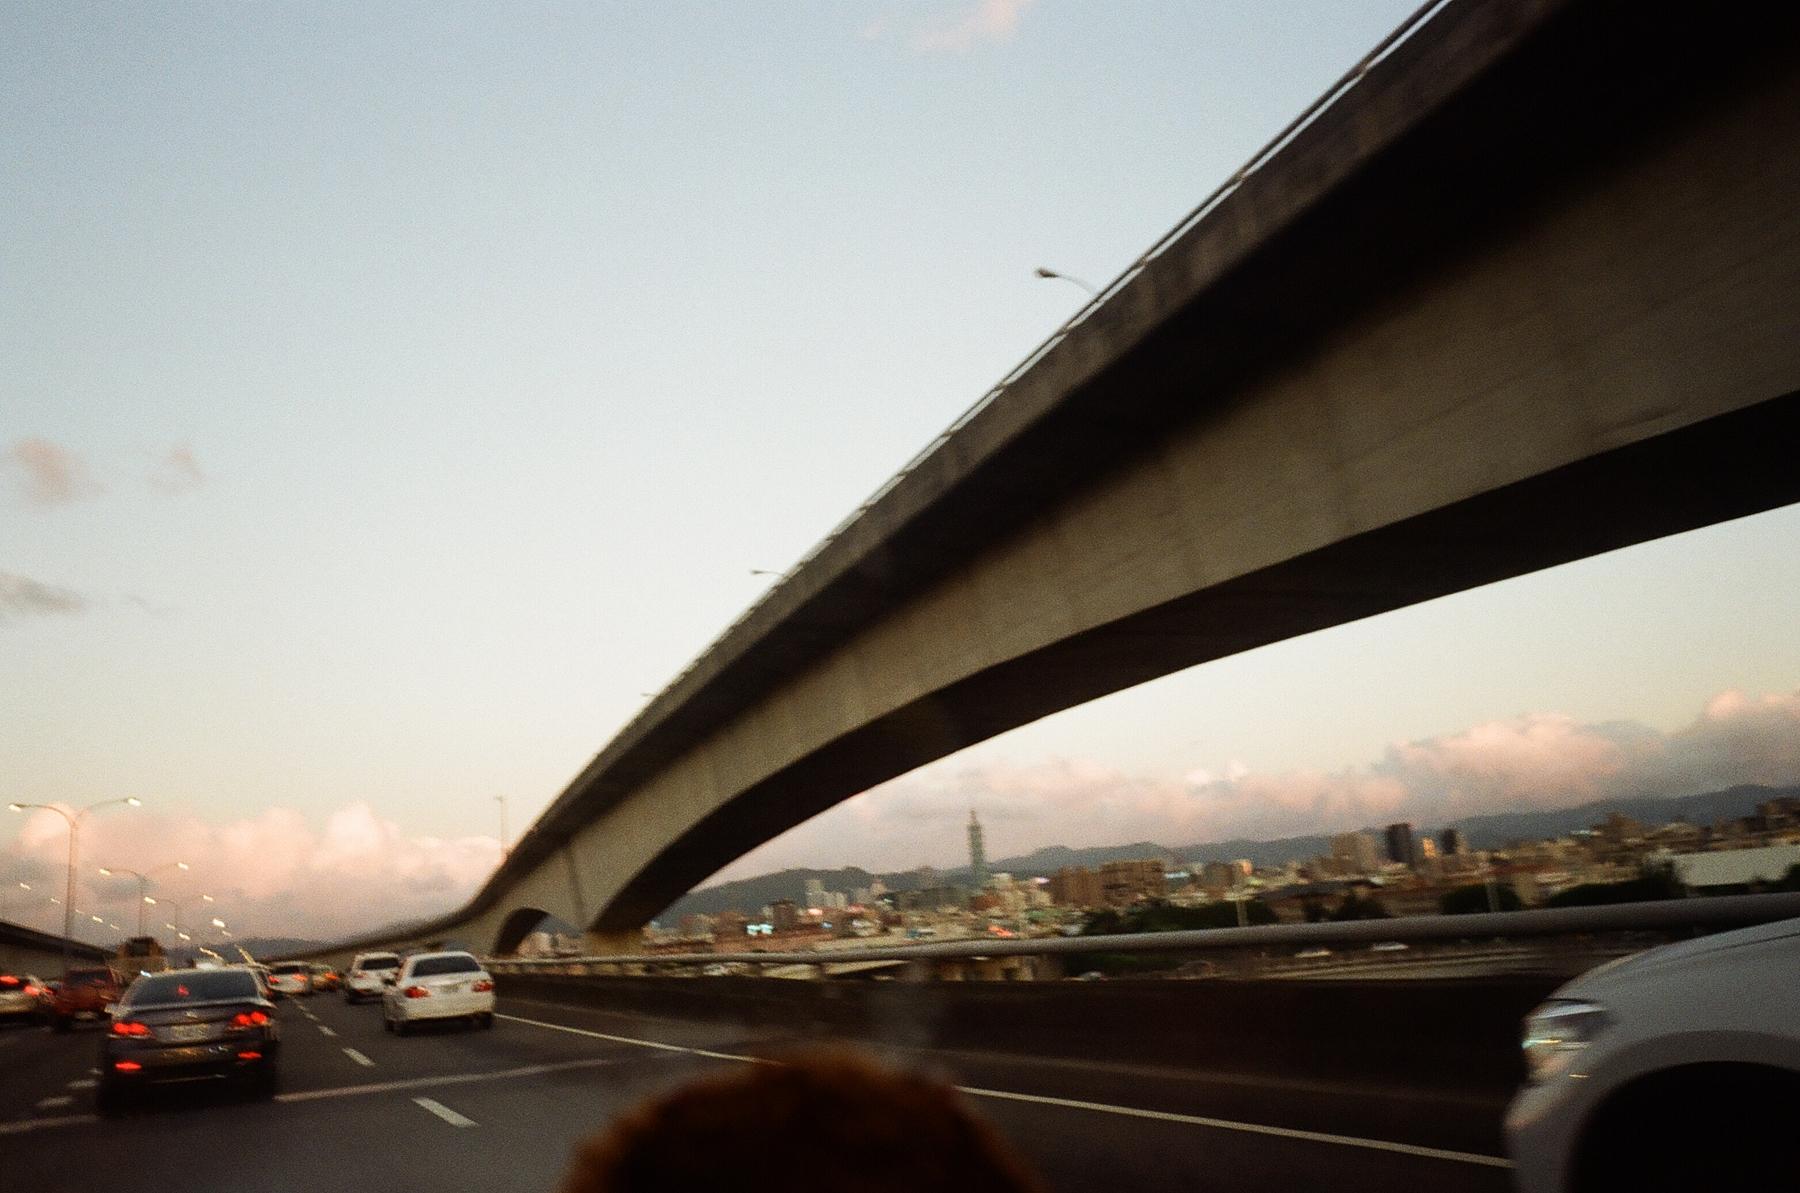 日常生活,攝影概念,桃園,台北,底片風格,自然